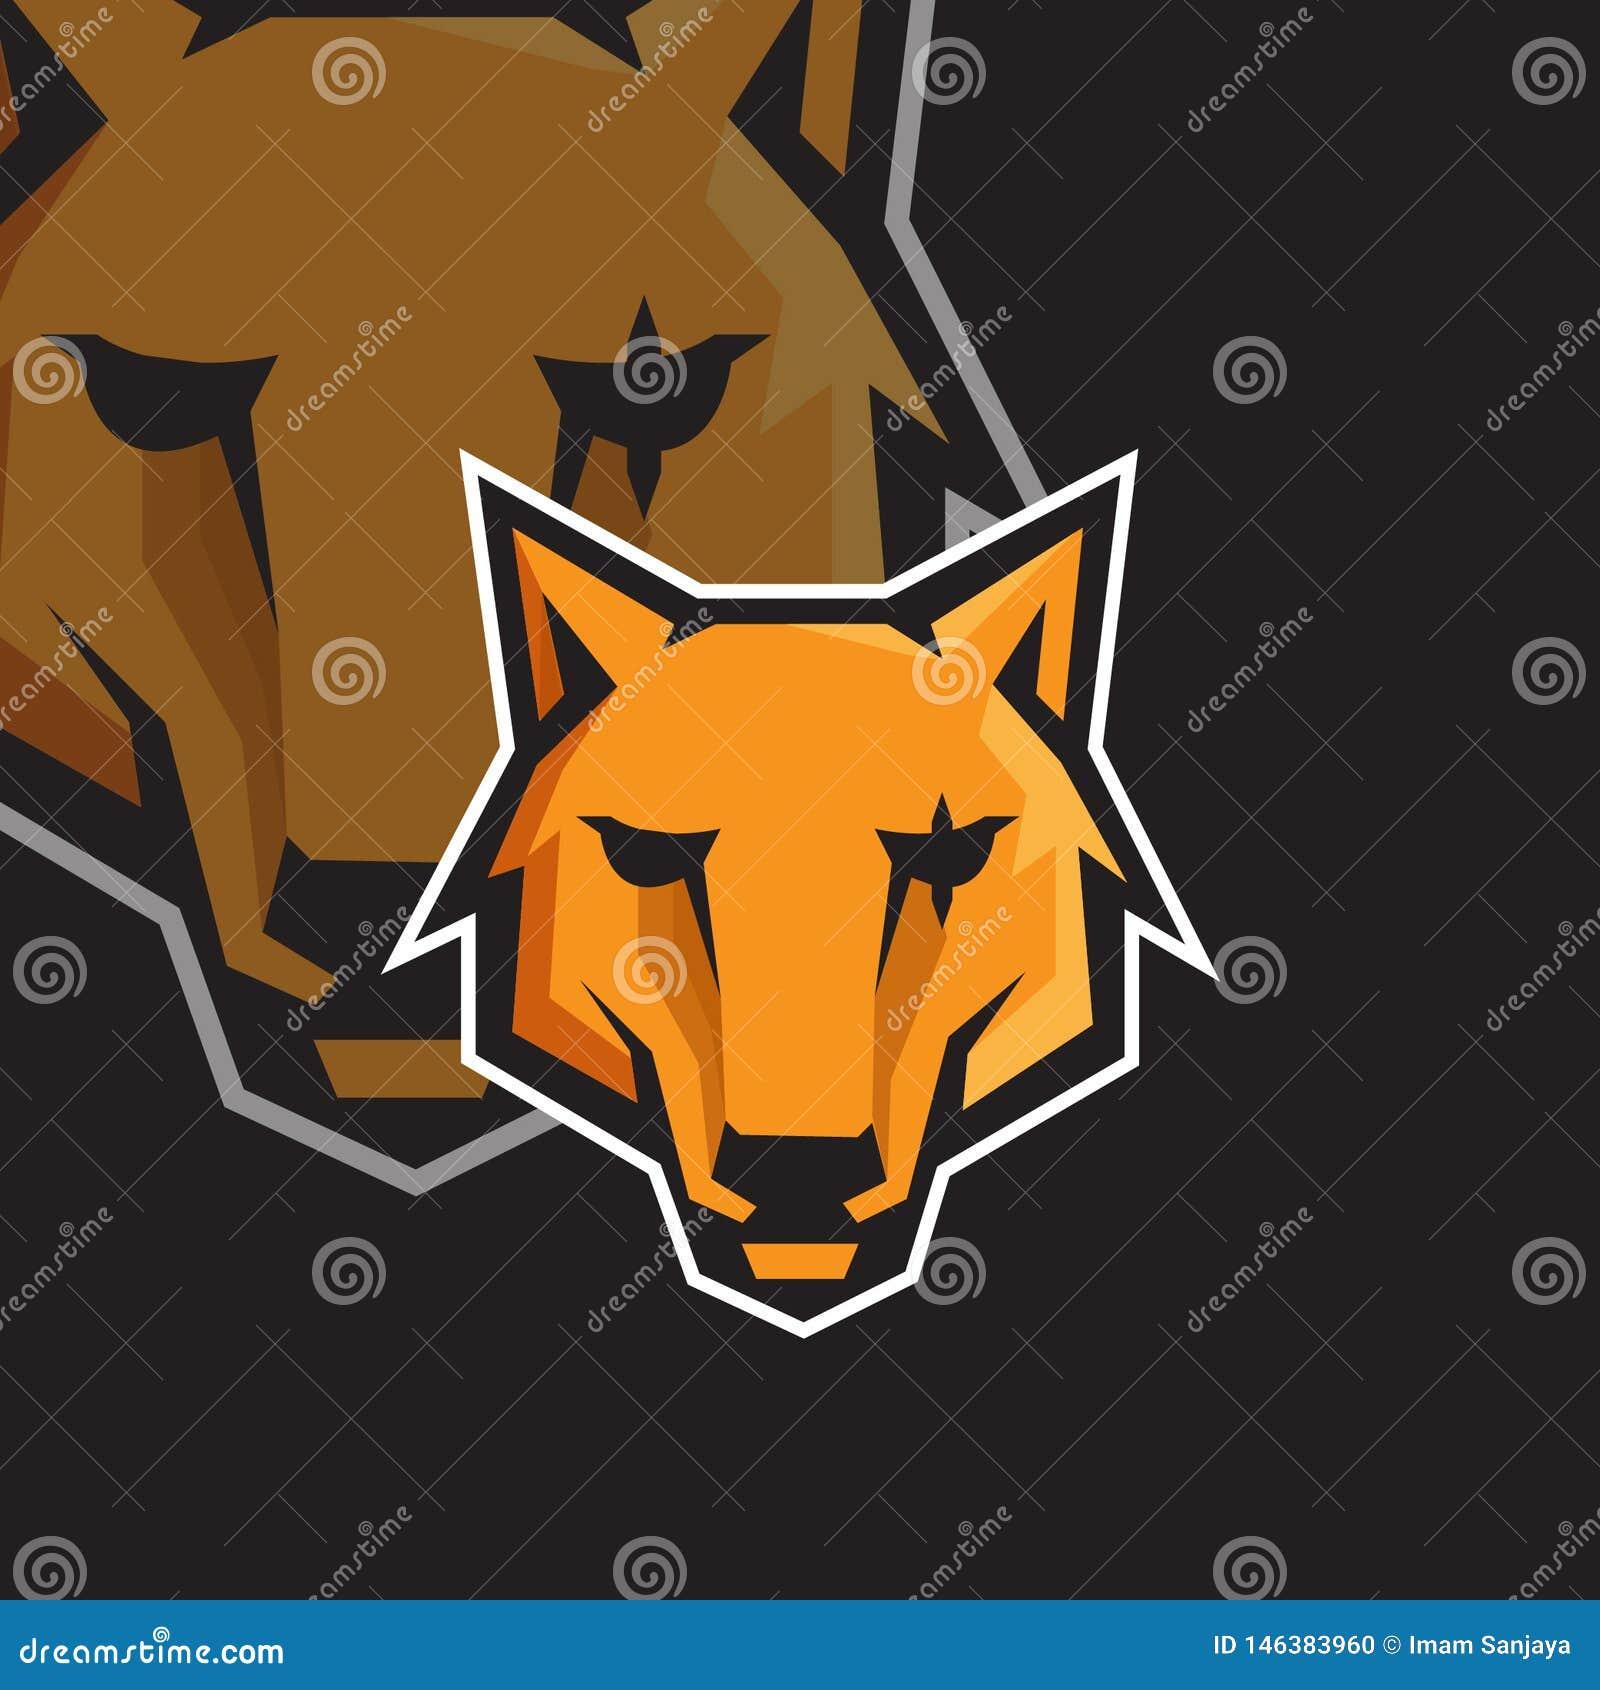 Sportspielmaskottchen-Logoschablone des Wolfgesichtes e